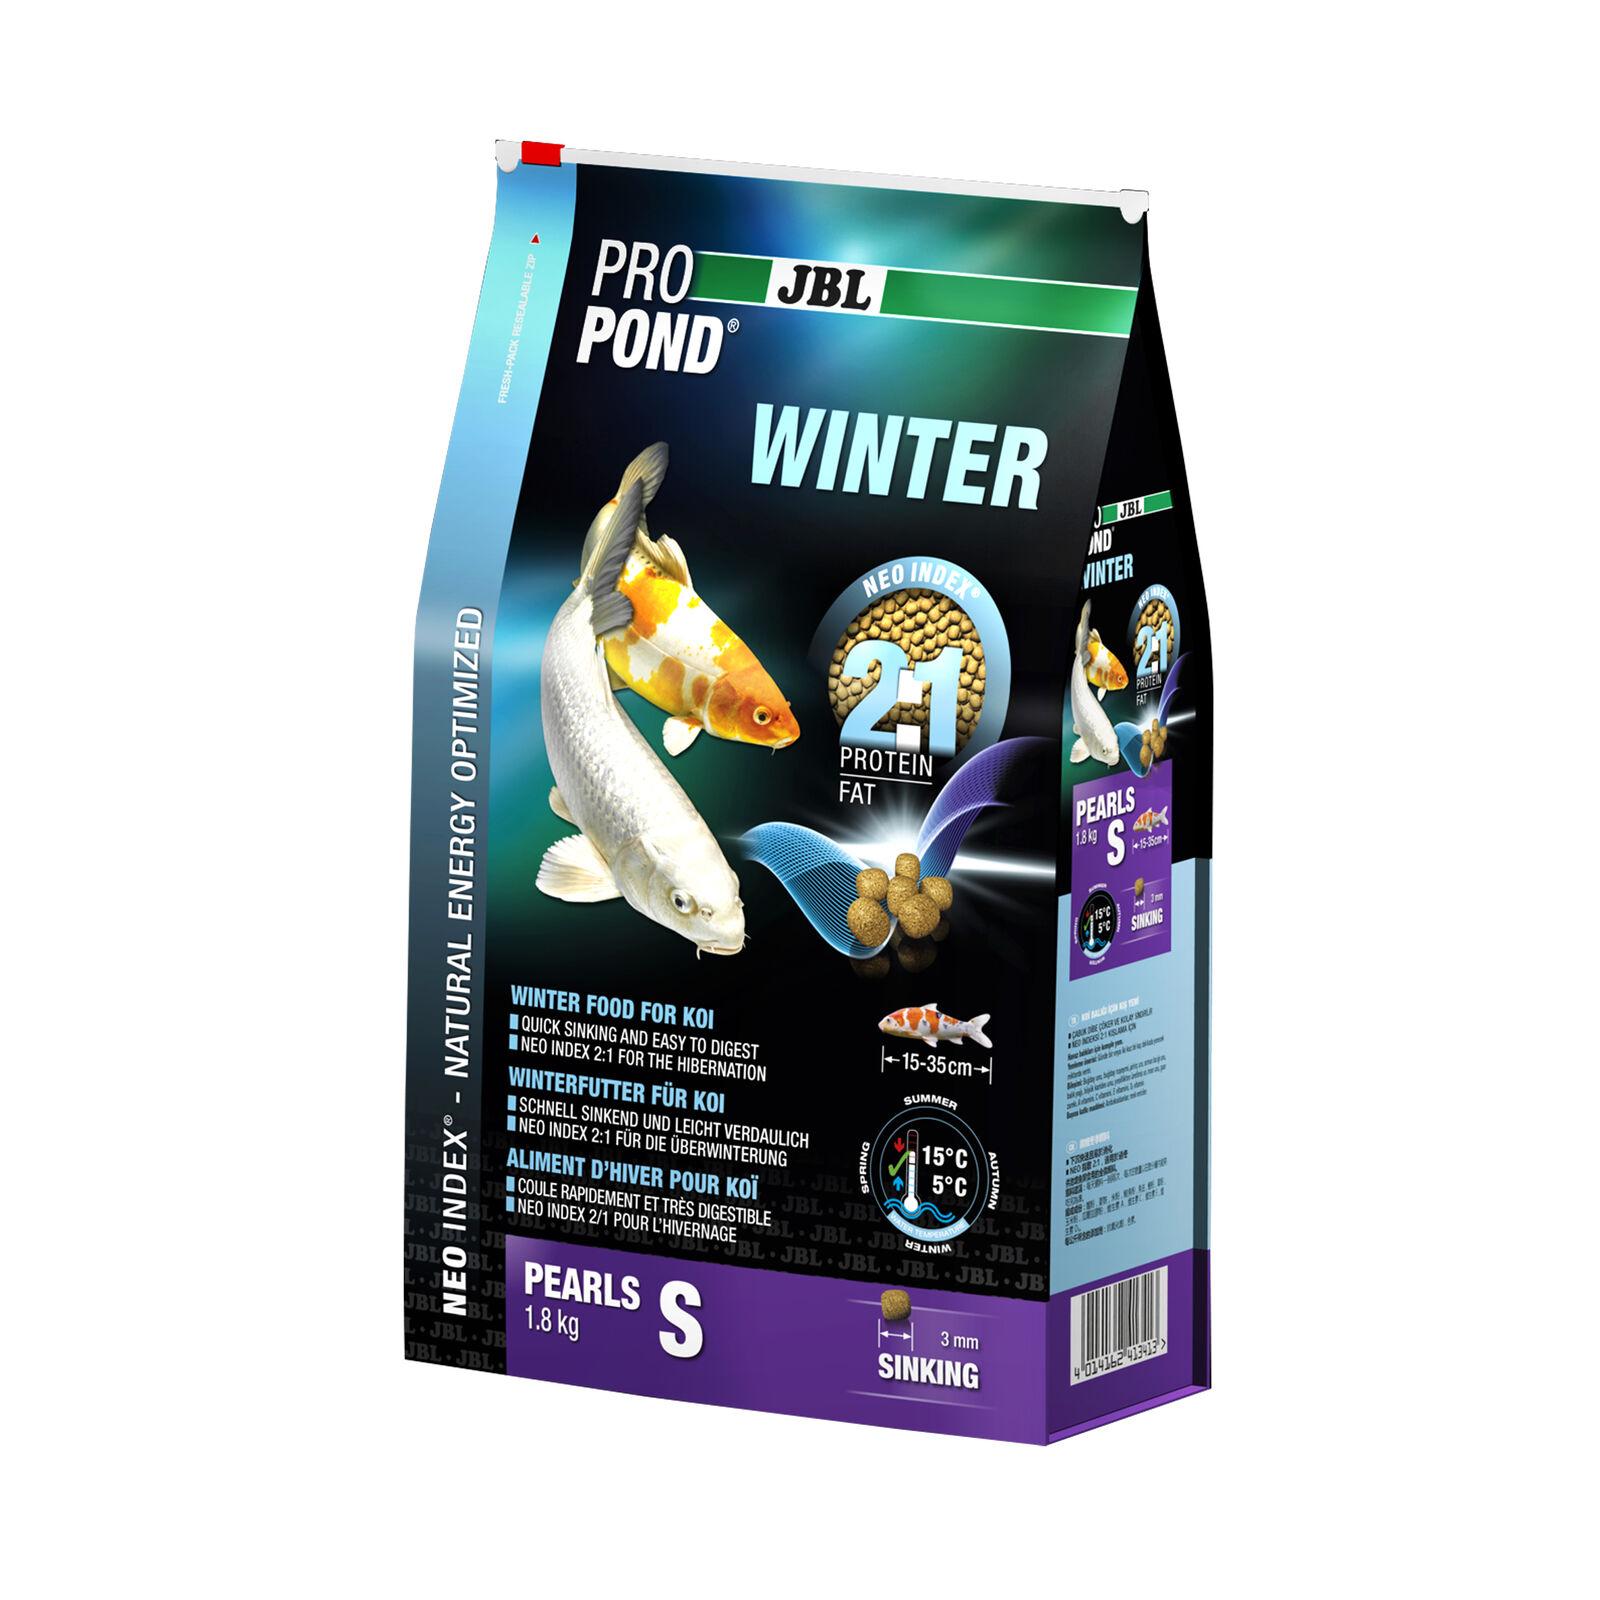 2 Pcs JBL Propond WINTER S, 2 x 1,8kg, Winter Food for Small Koi Von 15-35 CM